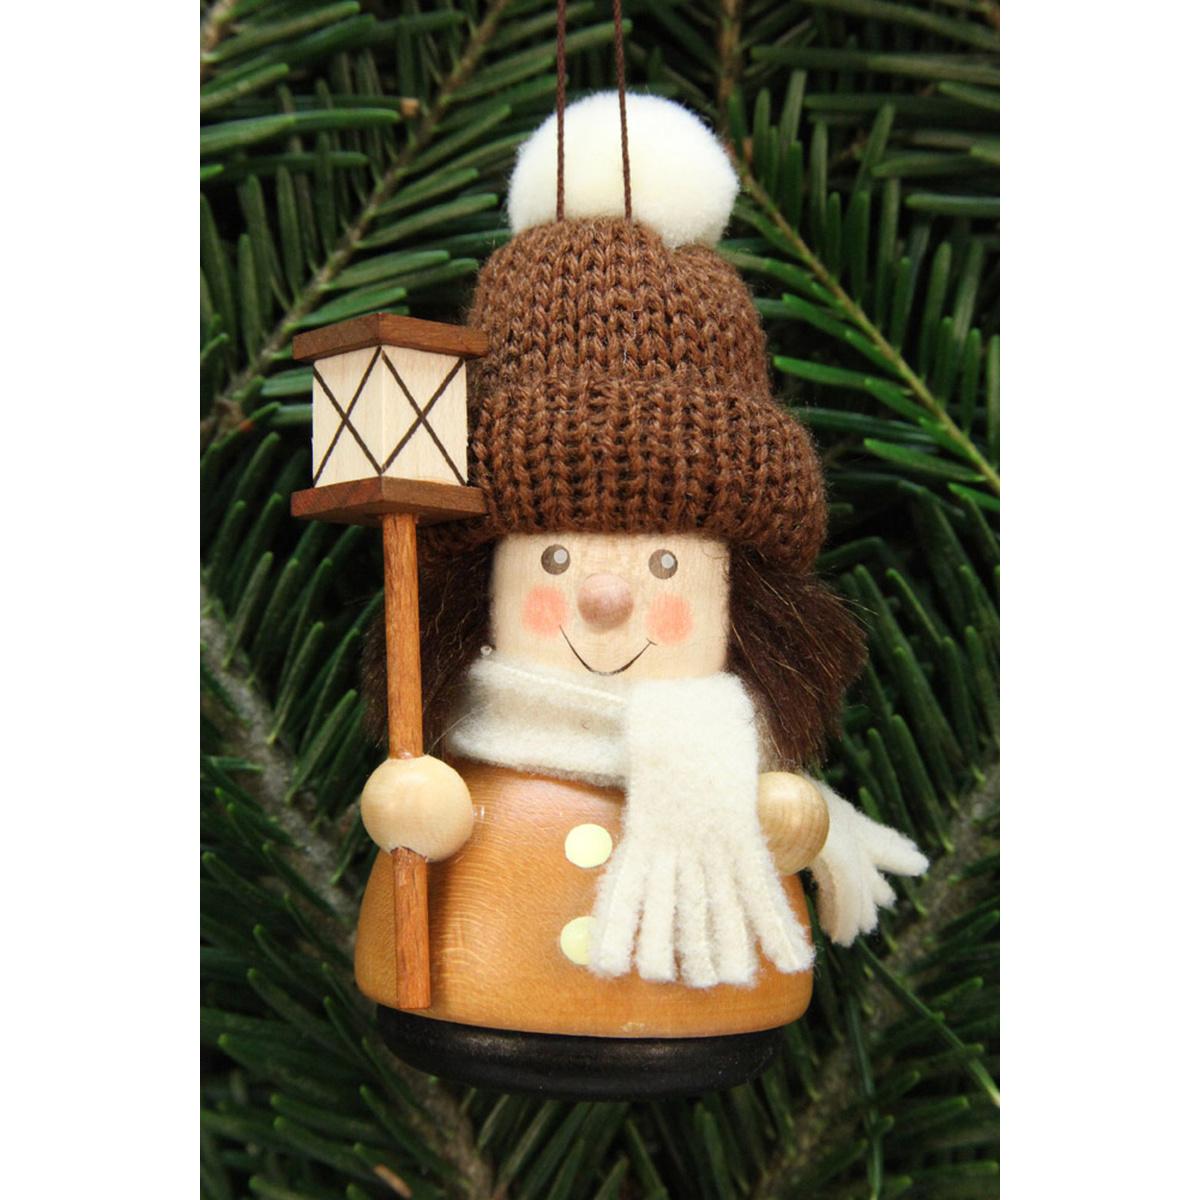 Baumbehang wackelm nnchen laternenbub natur von christian - Weihnachtsdeko figuren ...